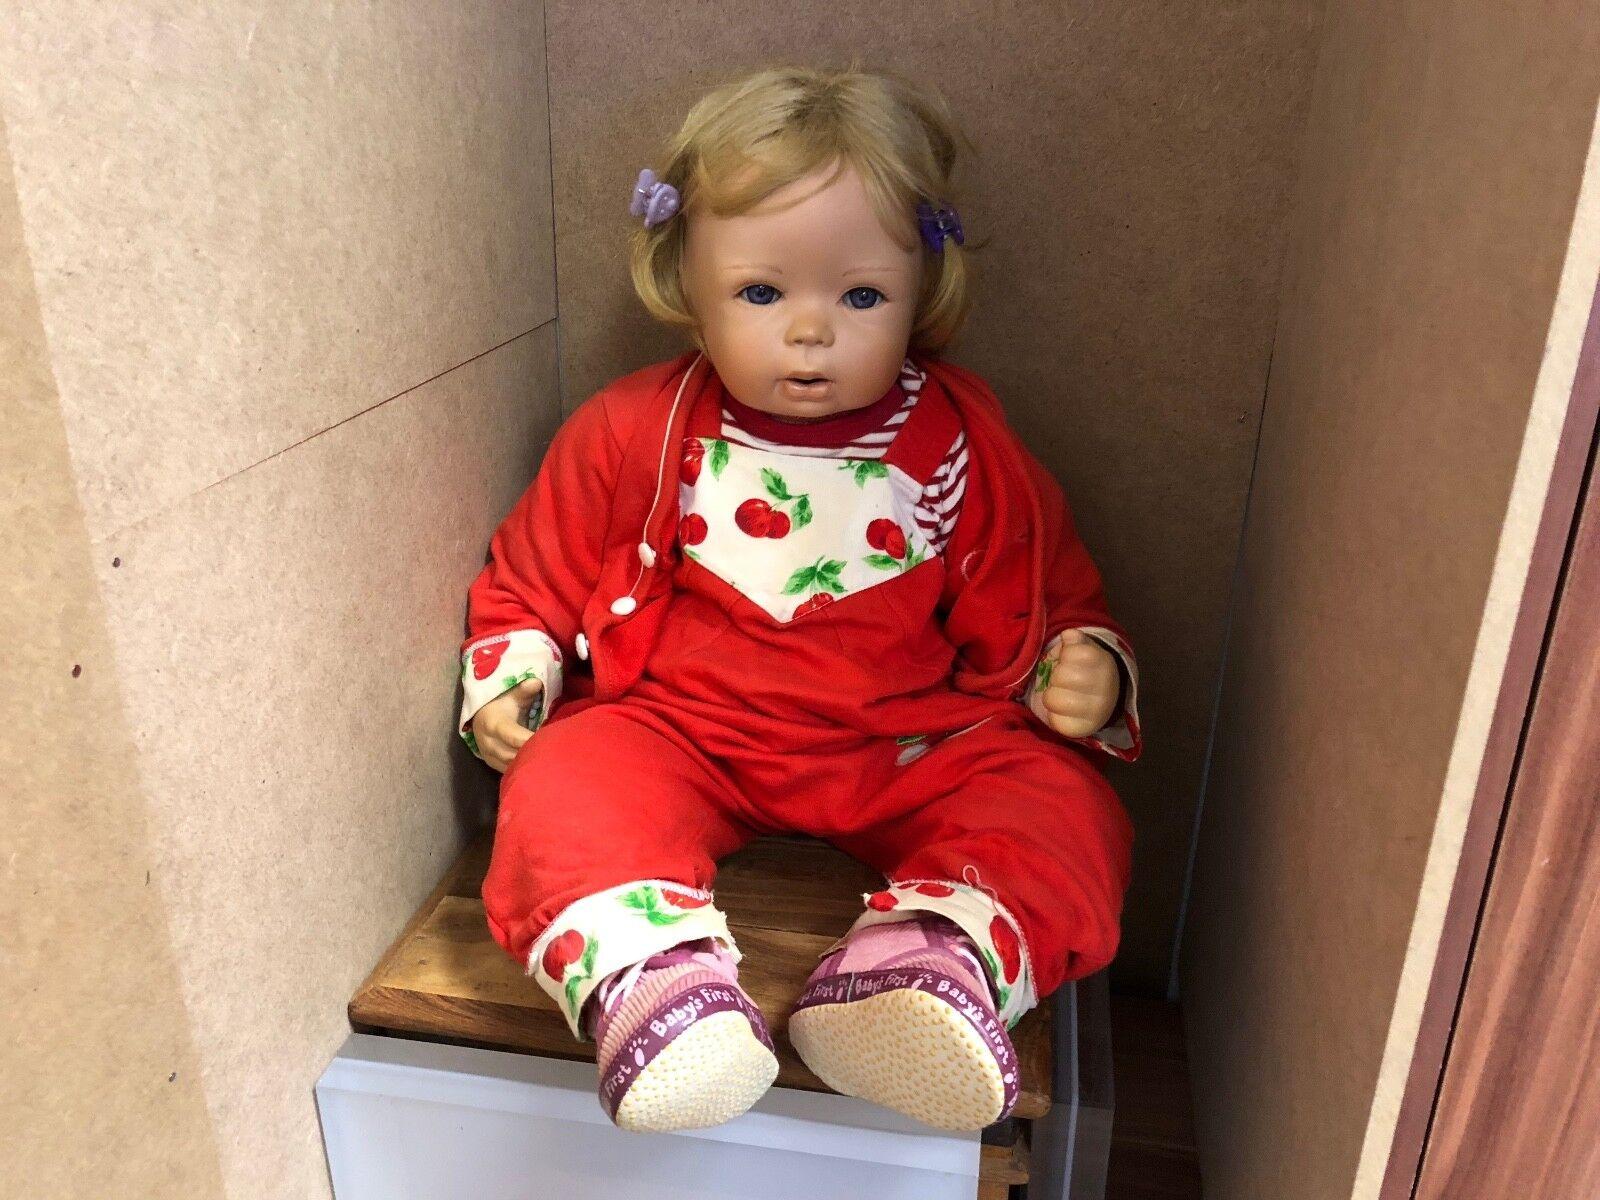 Inge tenbusch bambola di porcellana 61 CM. OTTIMO stato